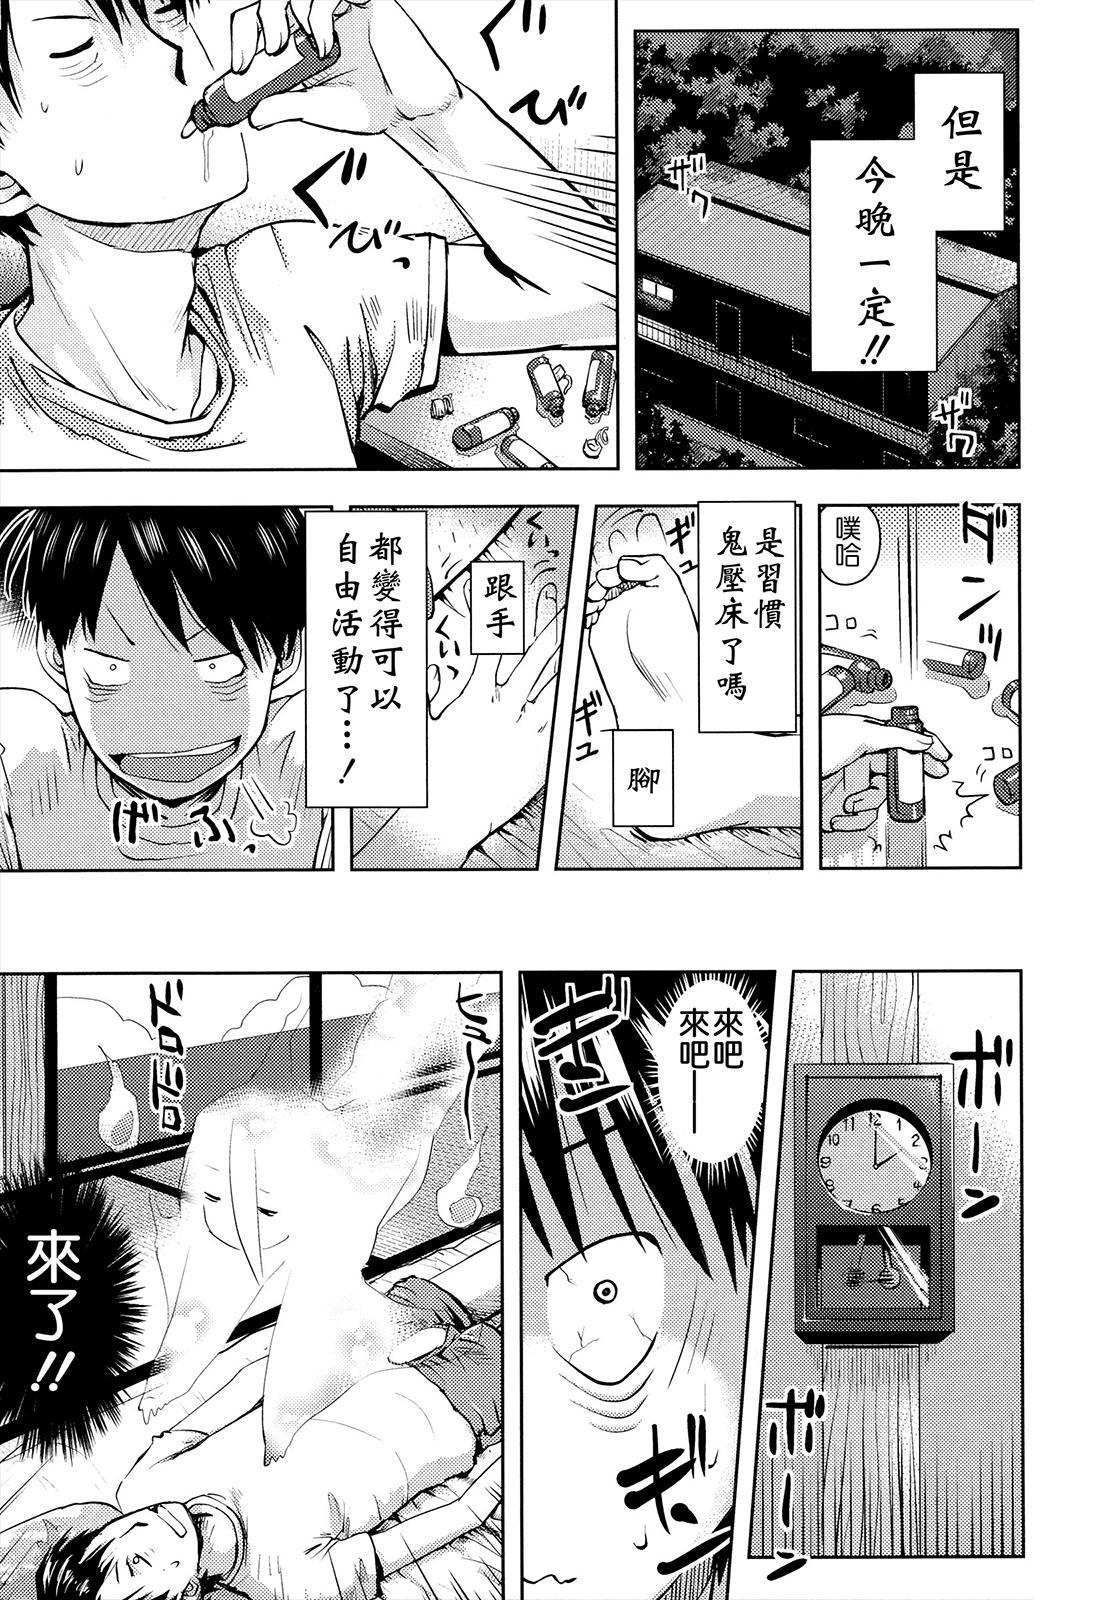 Oni-chan no Suki Ni Site!? 64